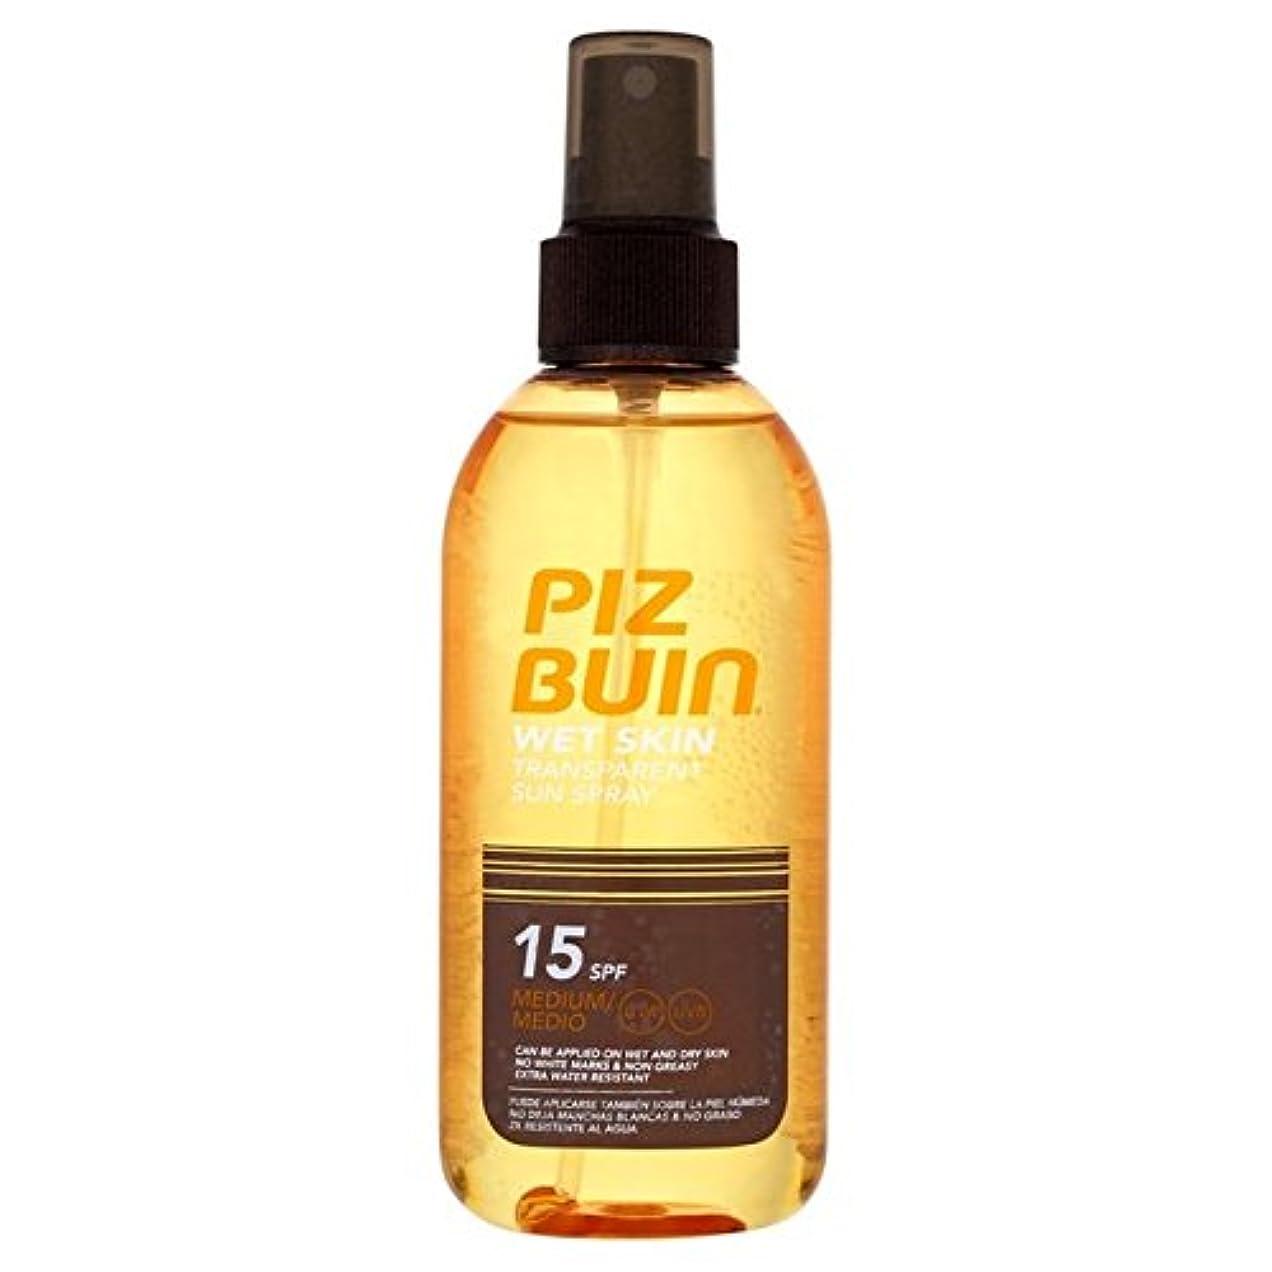 尊敬平野同等のピッツブーインの湿った透明肌15の150ミリリットル x2 - Piz Buin Wet Transparent Skin SPF15 150ml (Pack of 2) [並行輸入品]